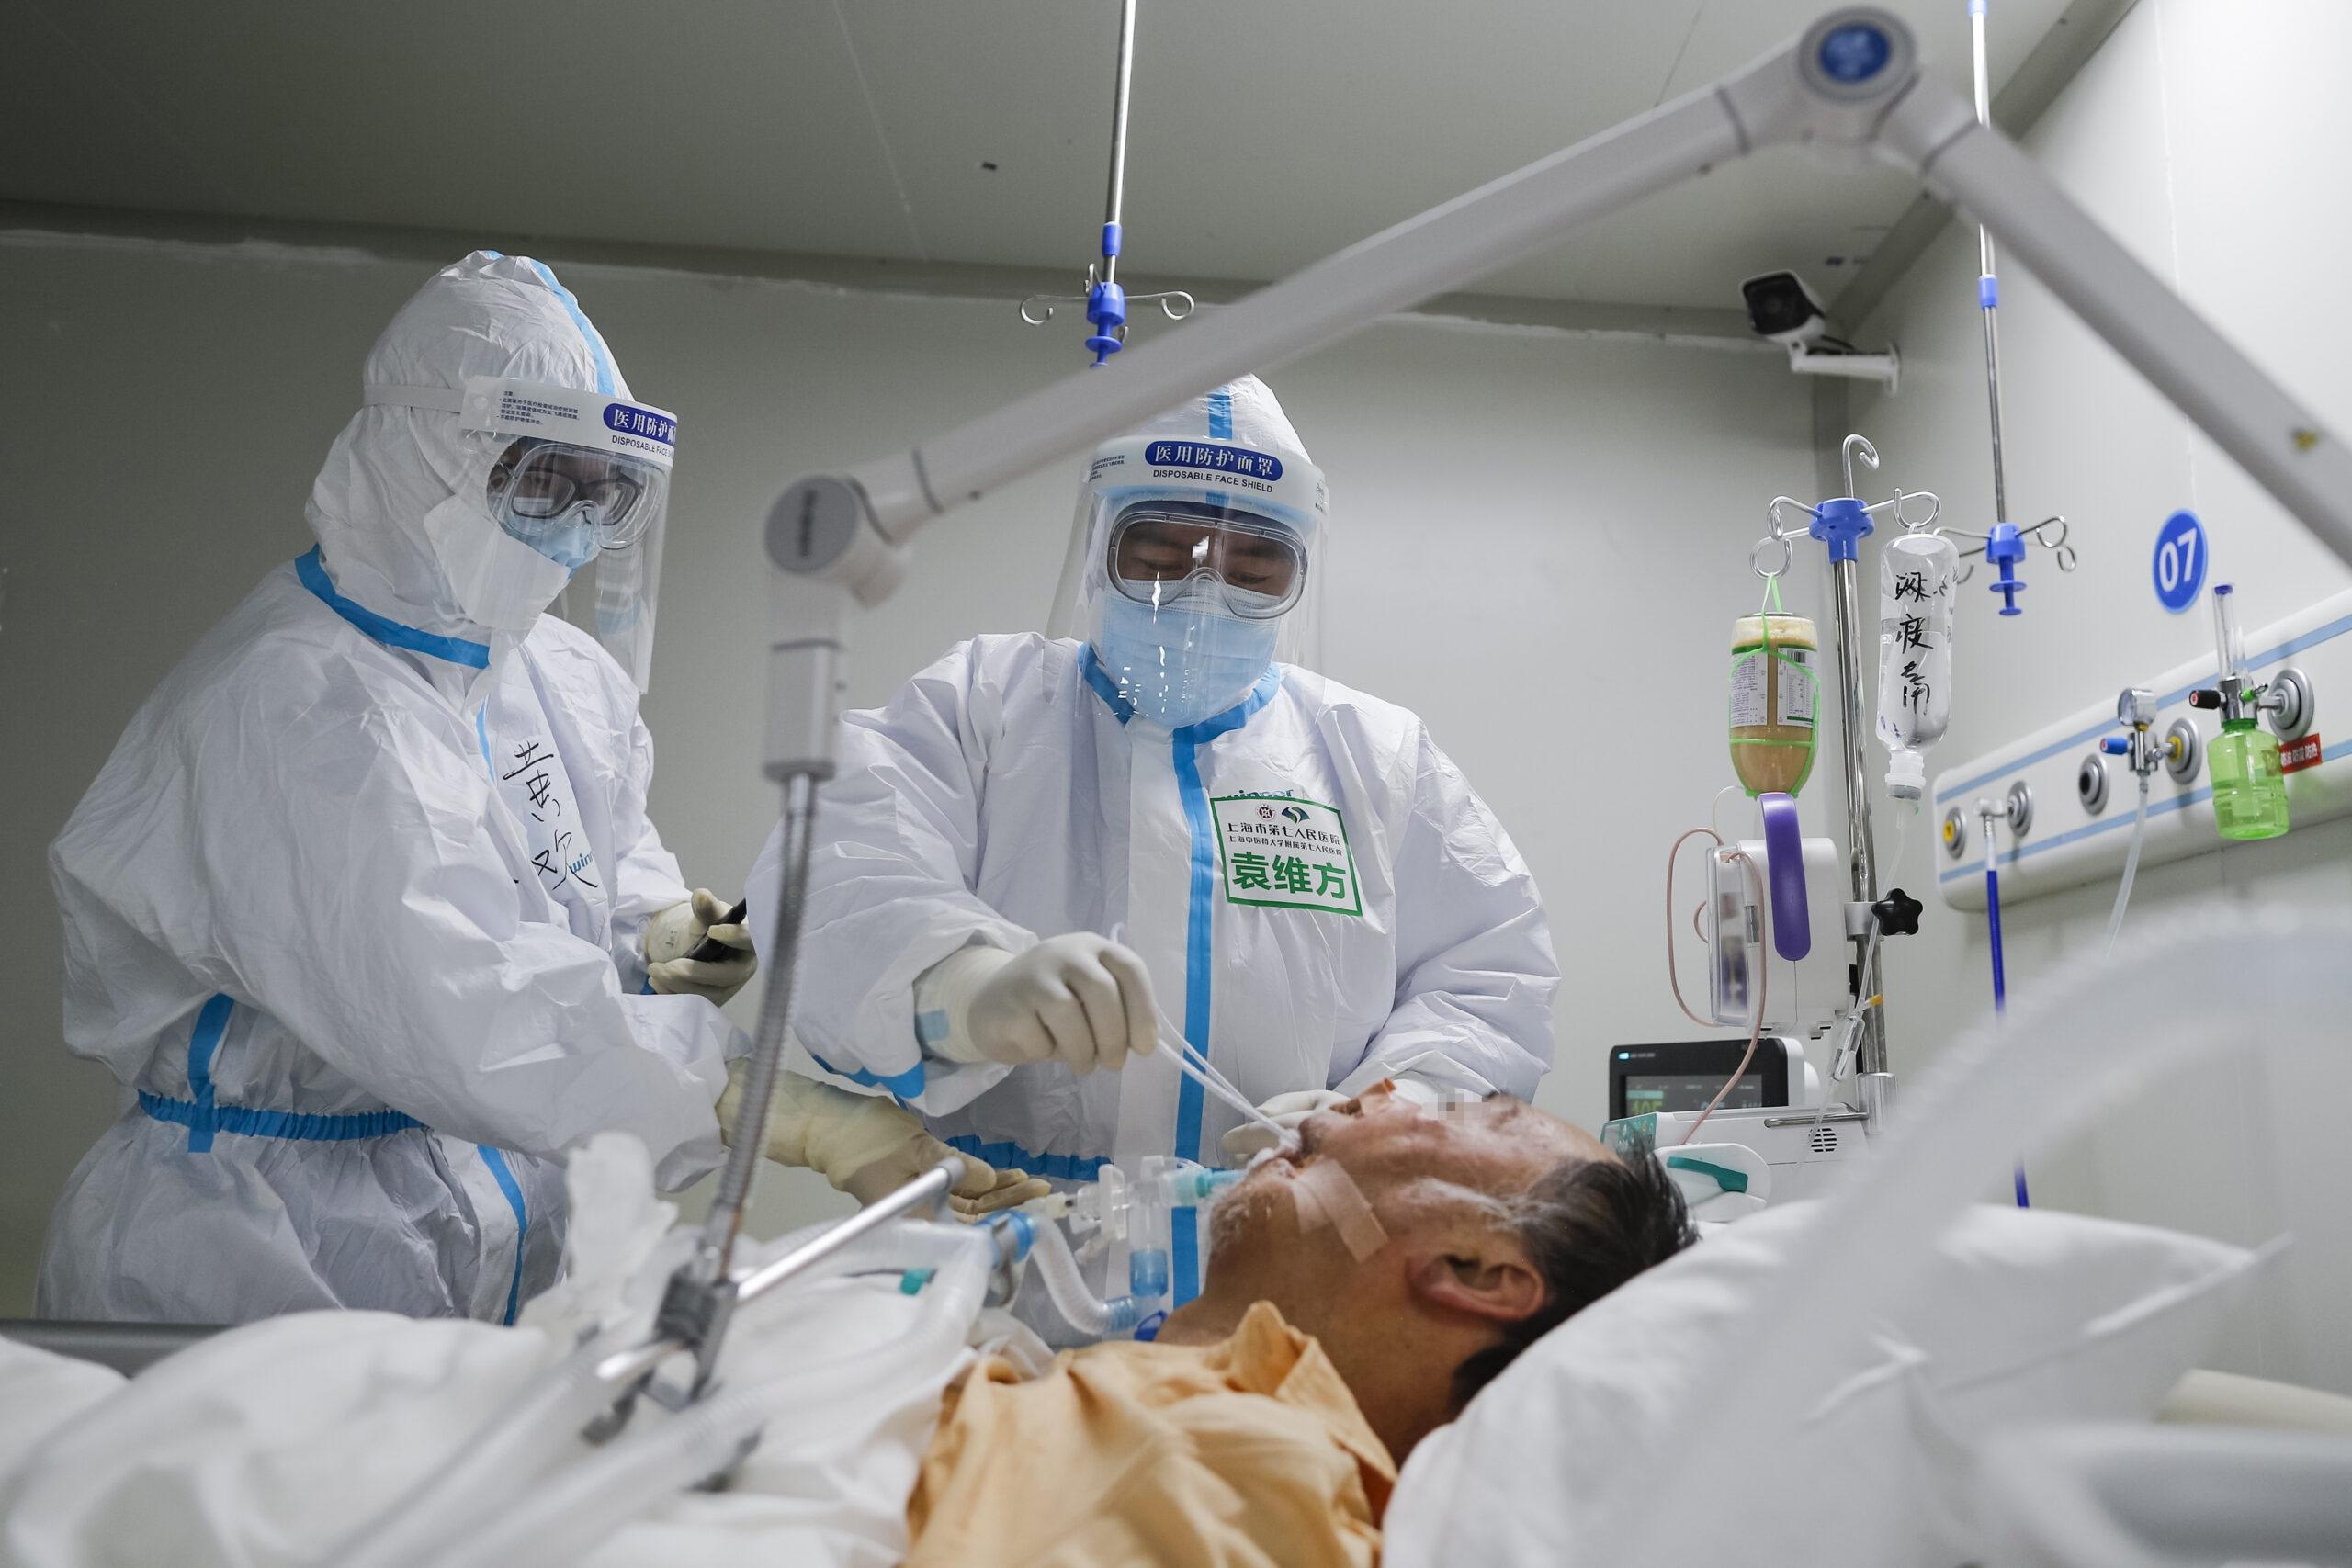 วิจัยผู้ป่วยโควิด พบคนมีอาการท้องร่วง ปอดยิ่งอักเสบรุนแรง